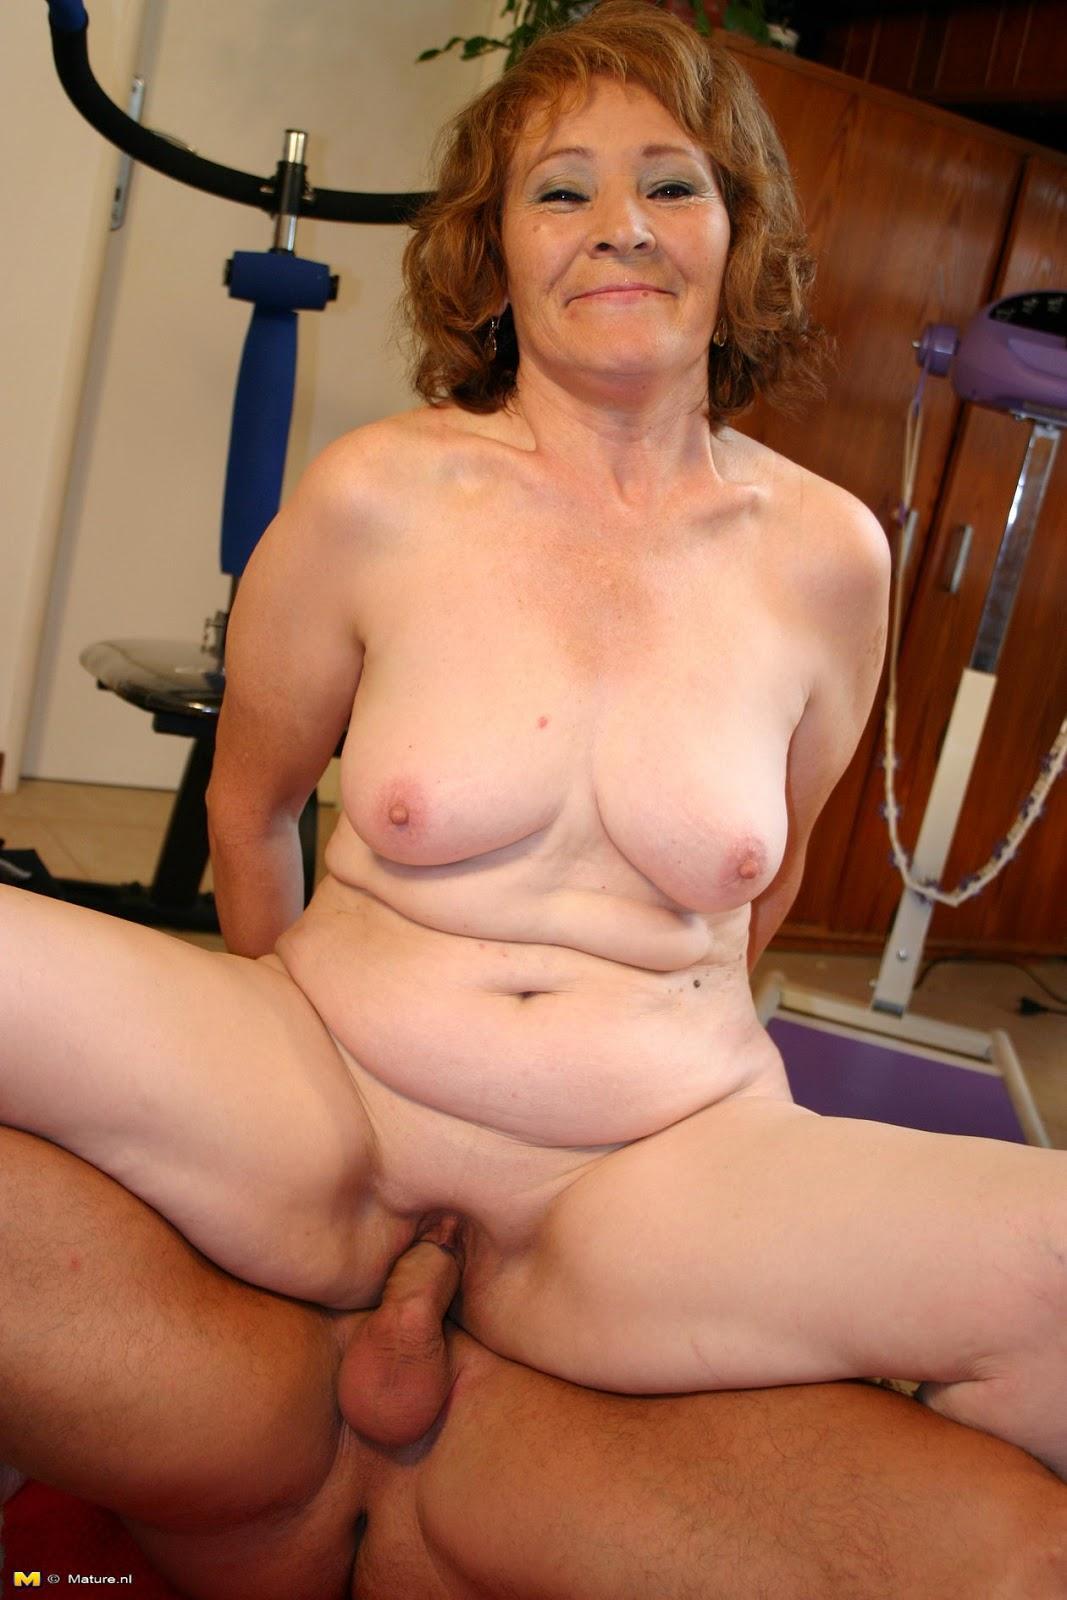 Older women sex tapes